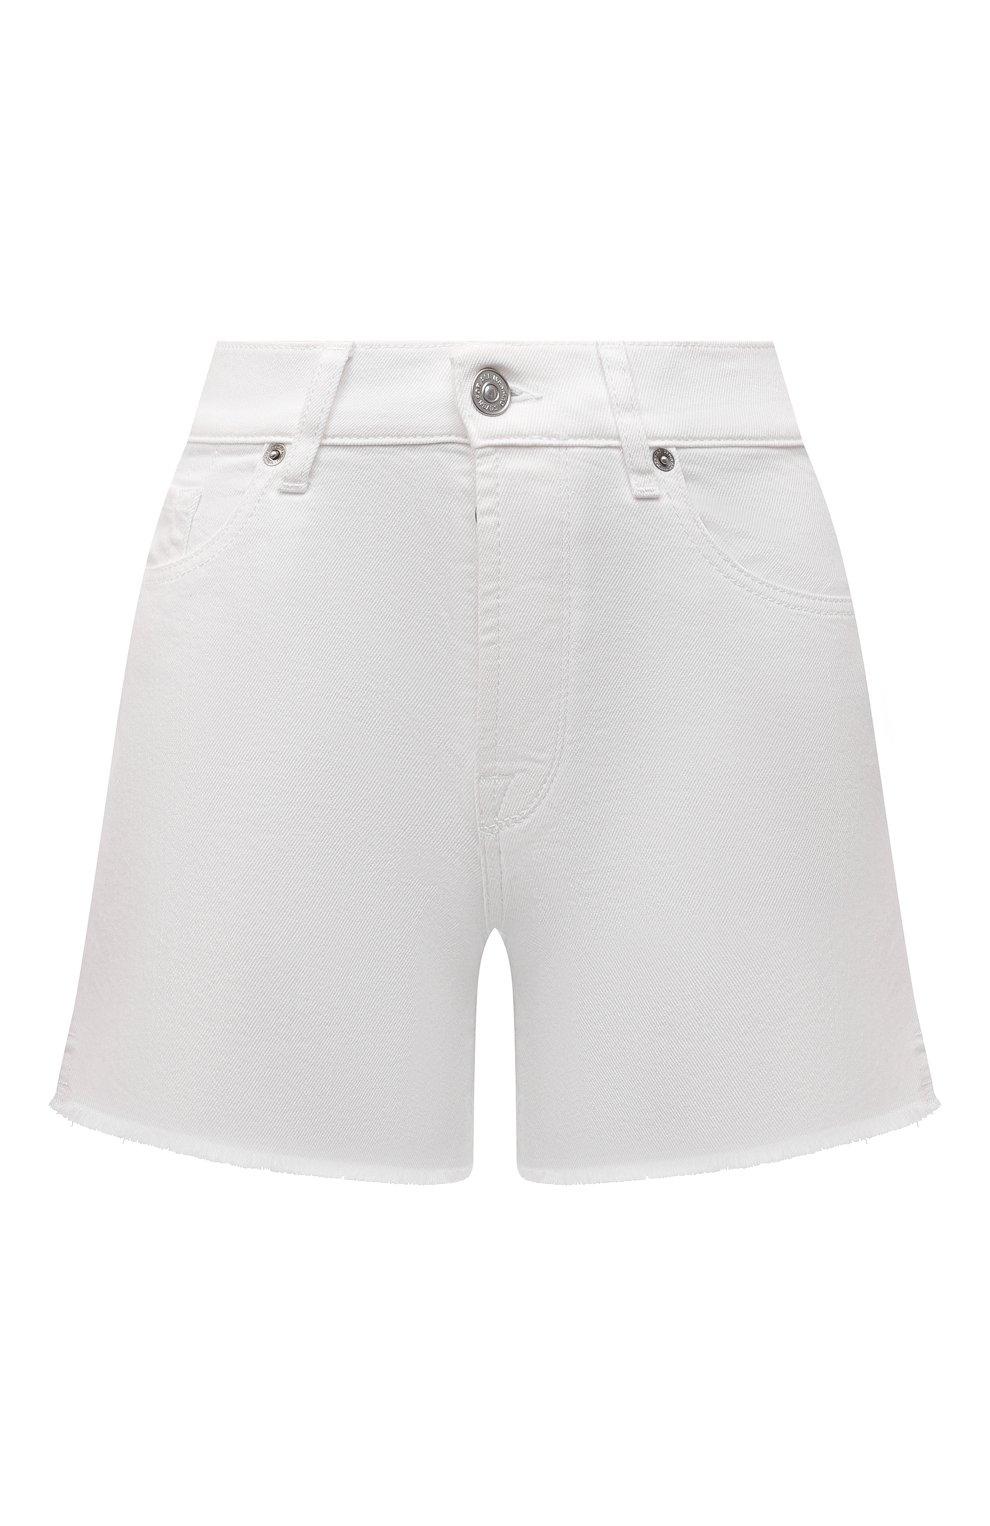 Женские джинсовые шорты 7 FOR ALL MANKIND белого цвета, арт. JSSHV690SW   Фото 1 (Женское Кросс-КТ: Шорты-одежда; Кросс-КТ: Деним; Длина Ж (юбки, платья, шорты): Мини; Материал внешний: Хлопок, Деним; Стили: Кэжуэл)